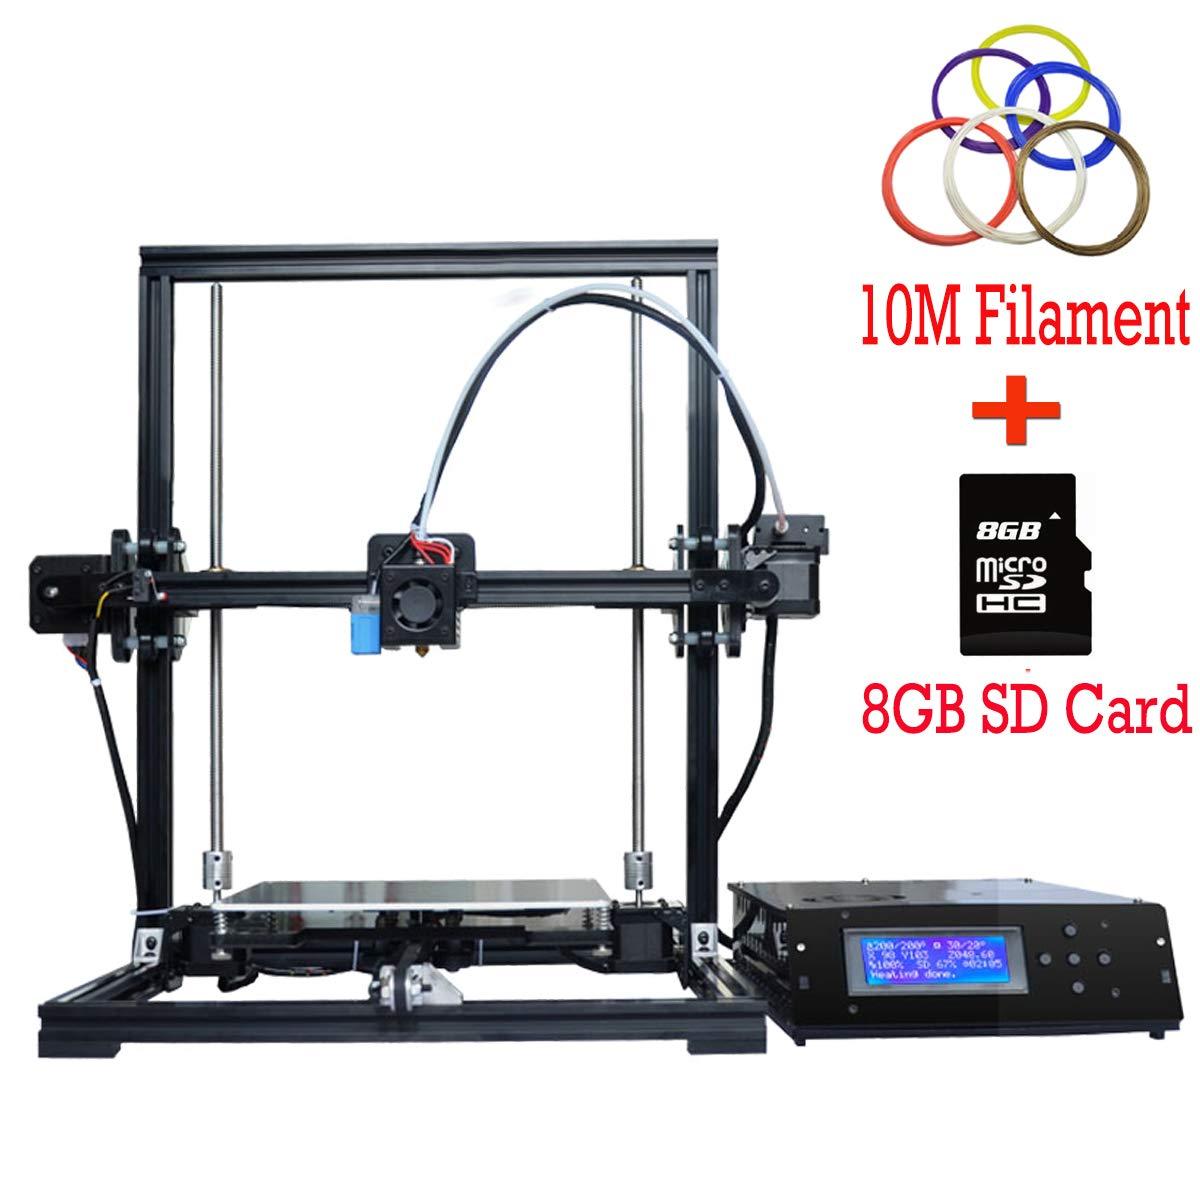 Impresora 3D Aluminum Prusa i3 3D Printer DIY con MK8 actualizada Extrusor Pantalla LCD de capa té rmica Má quina de autoensamblaje DIY 3D DMYCO X3A